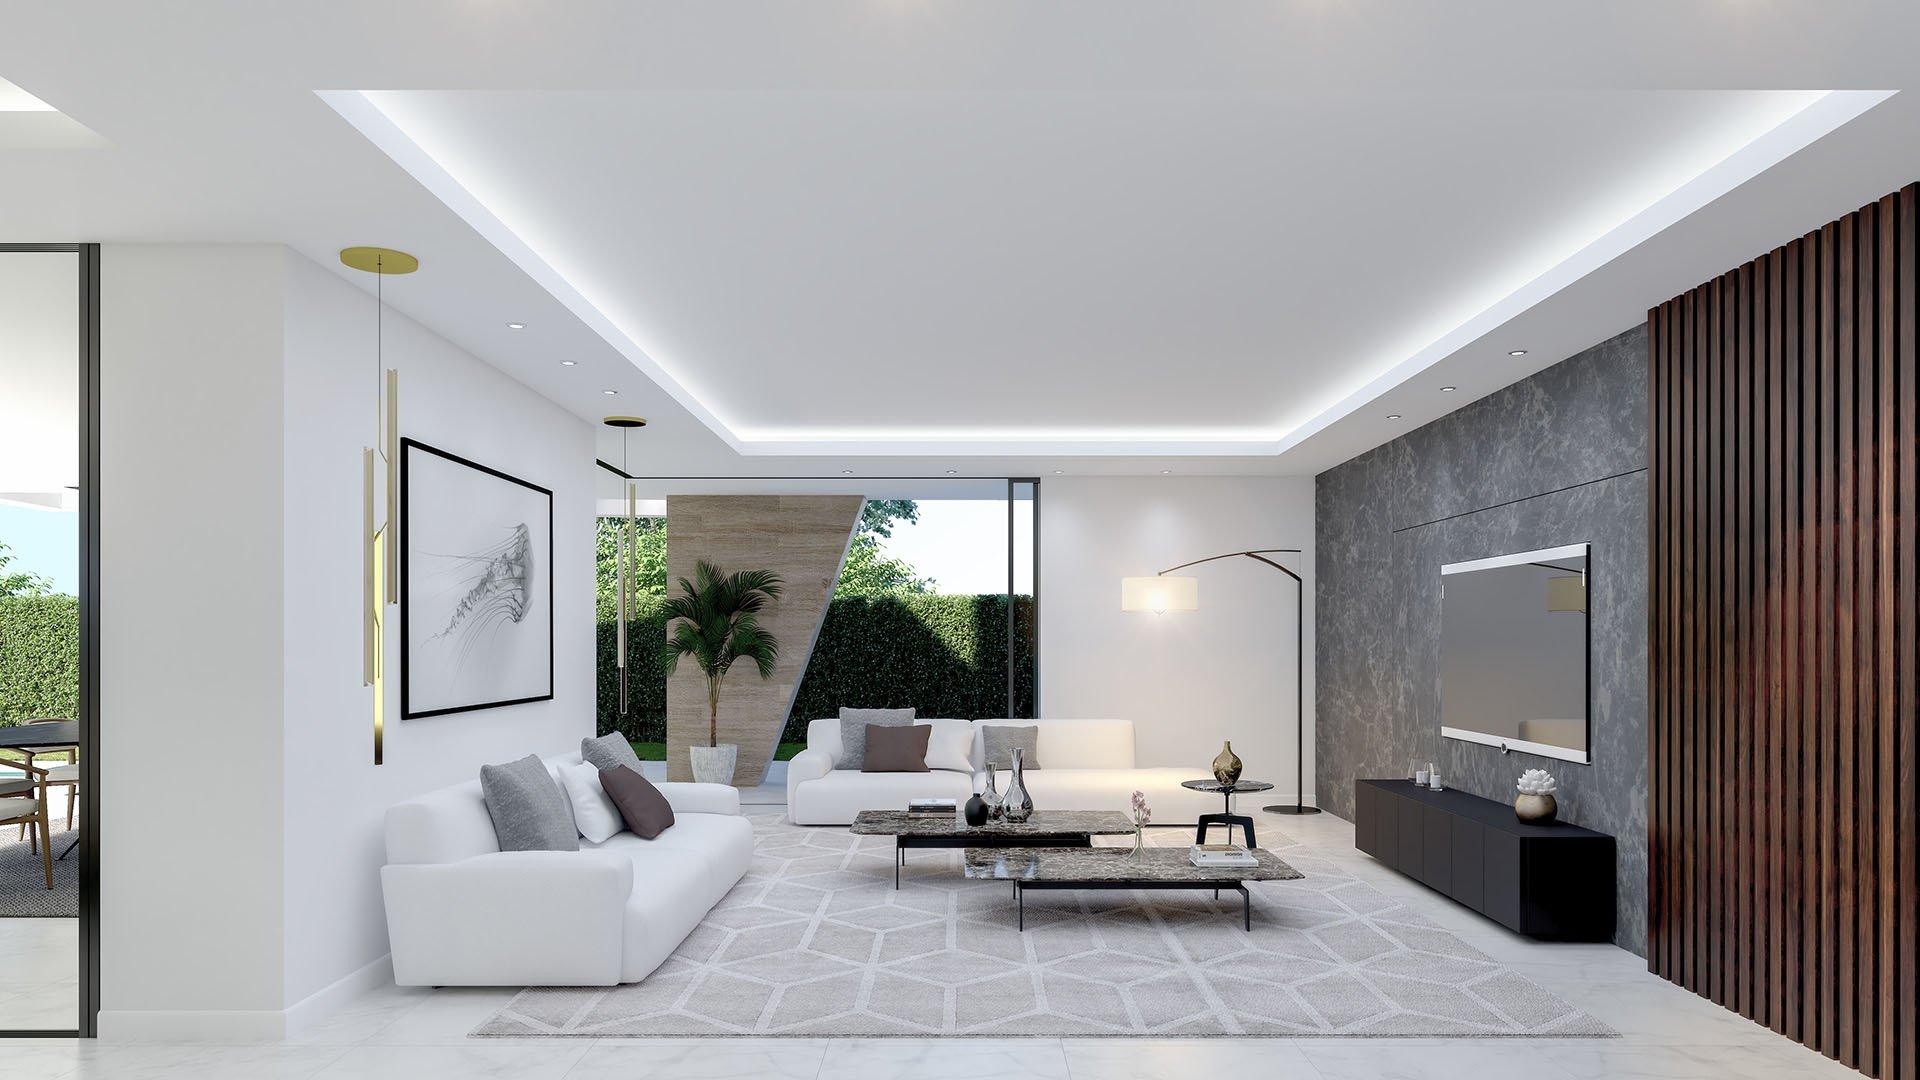 Estrella del Mar II: Moderne villa op wandelafstand van de mooiste stranden van Marbella